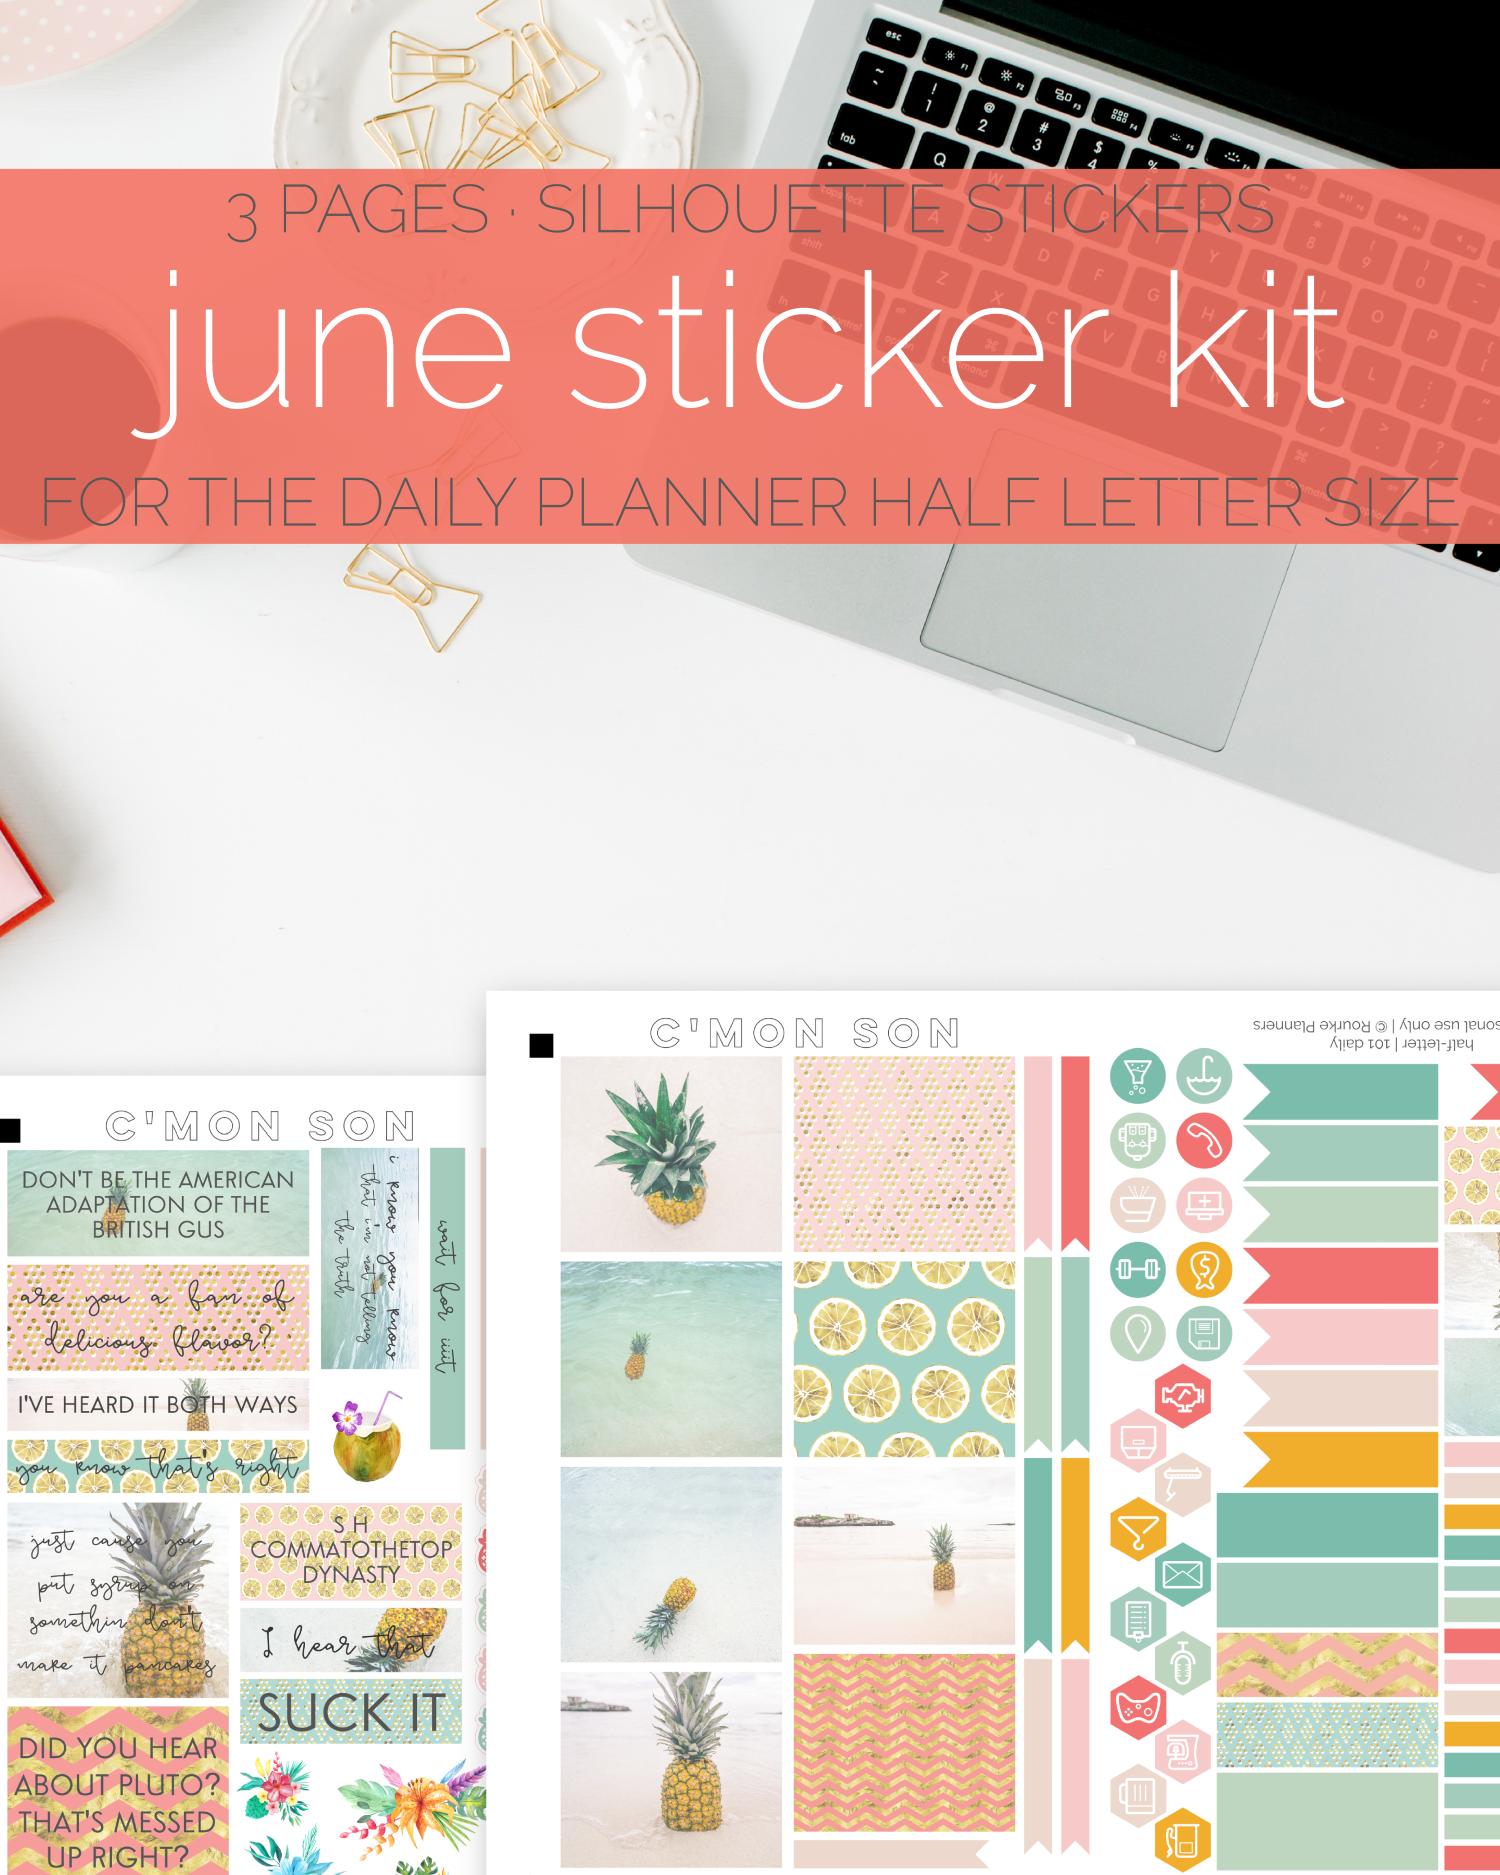 June Pineapple Sticker Kit | Rourke Planners